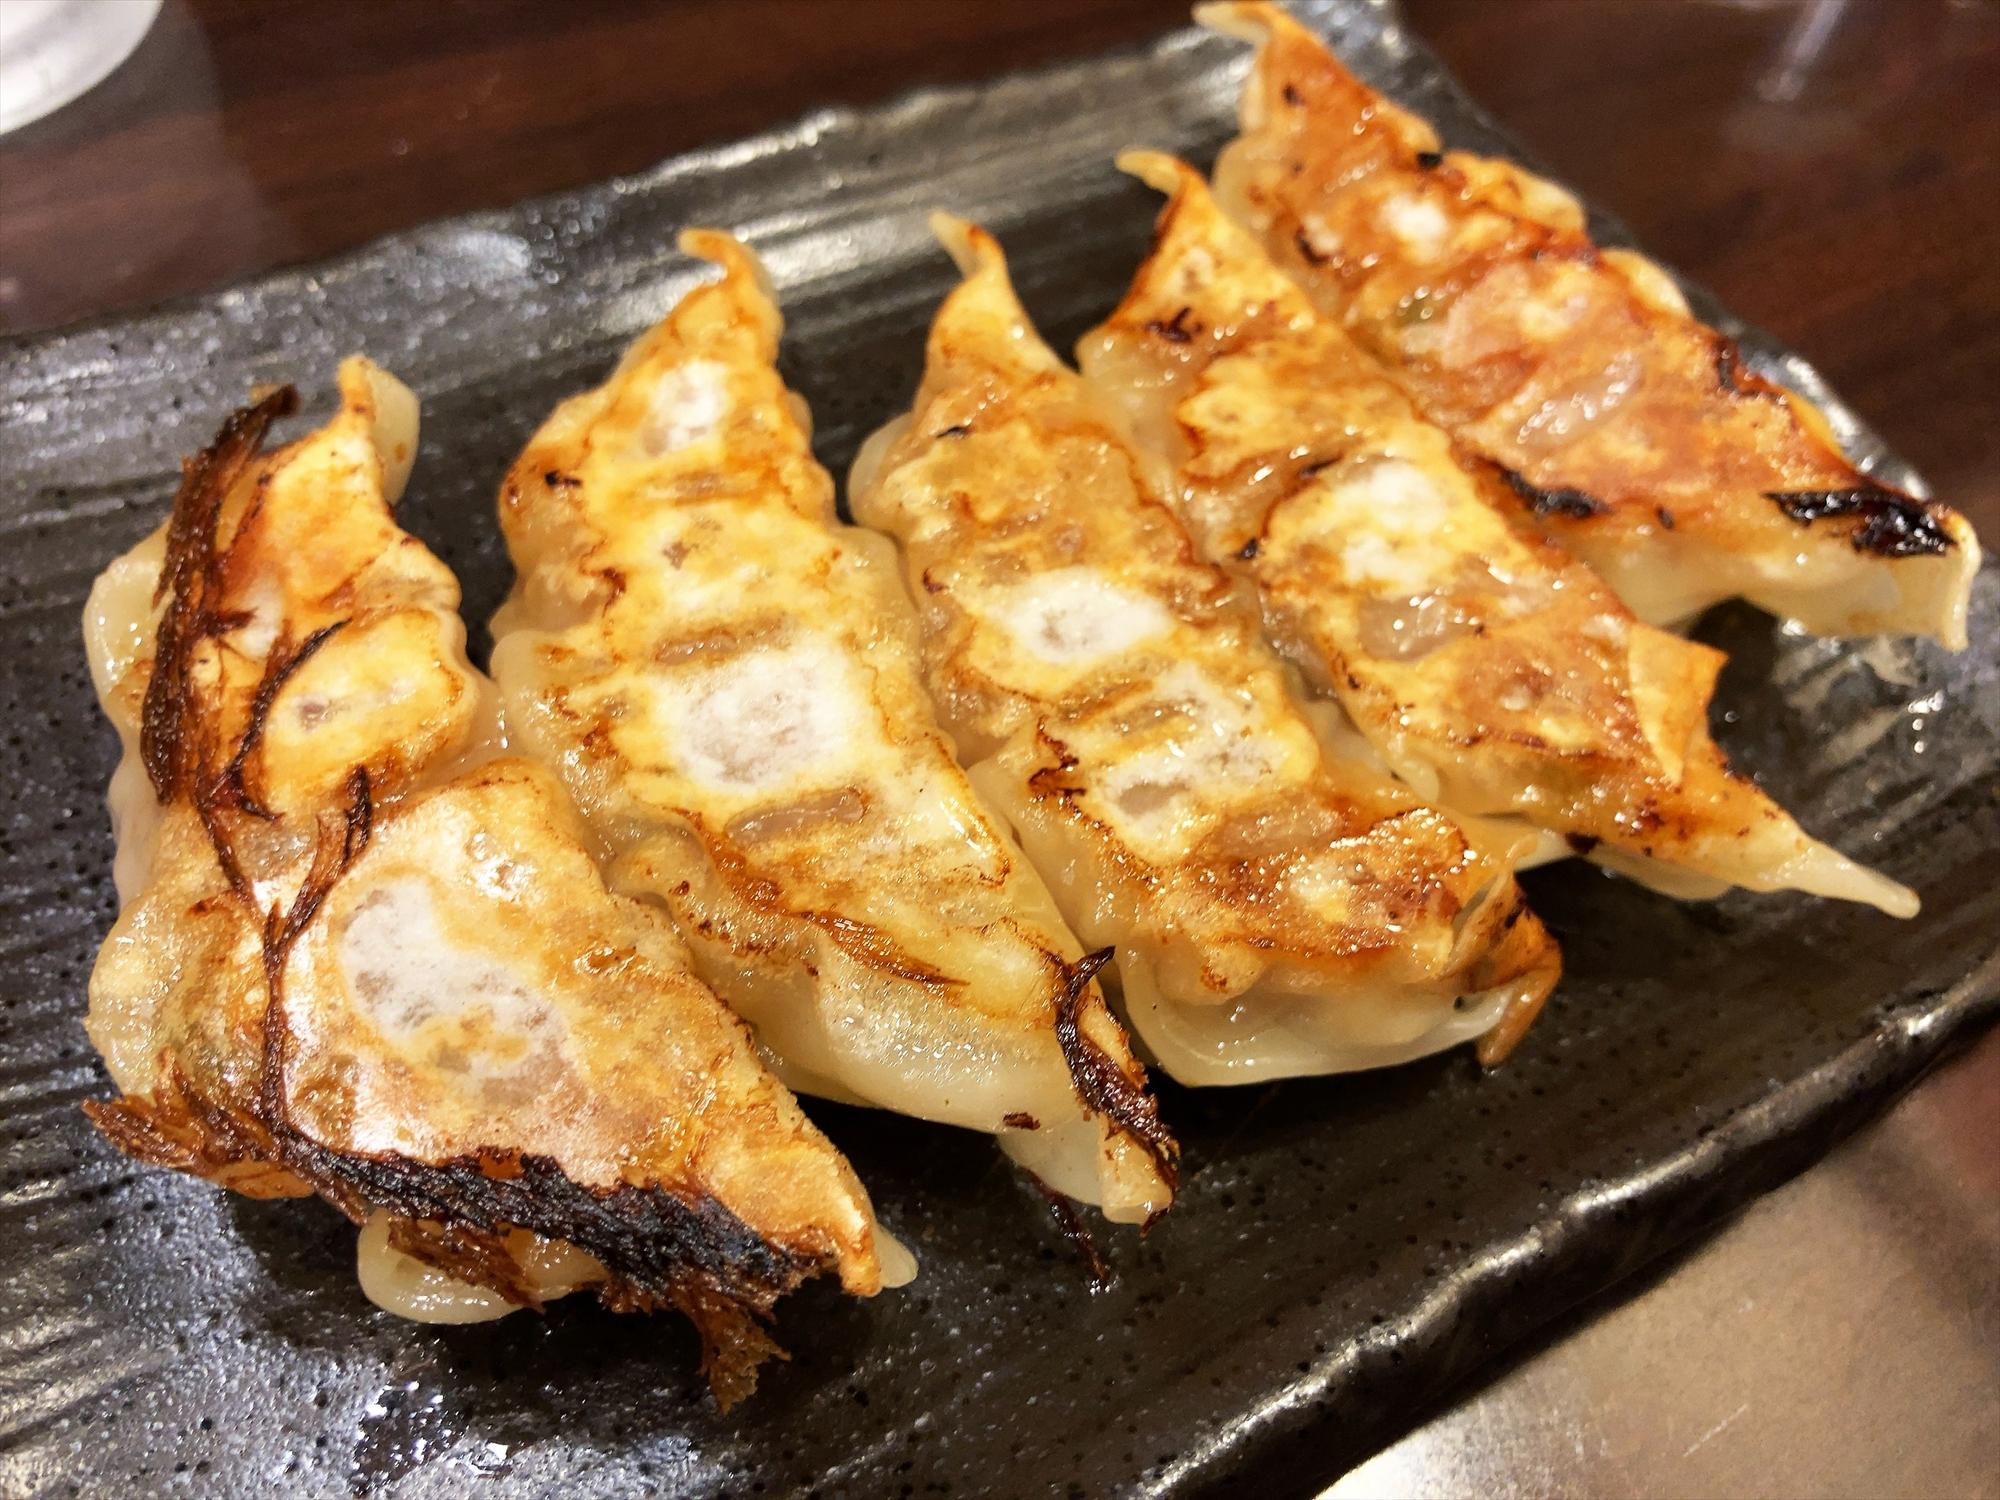 麺屋 つけ丸 有楽店「浜松ギョーザ」